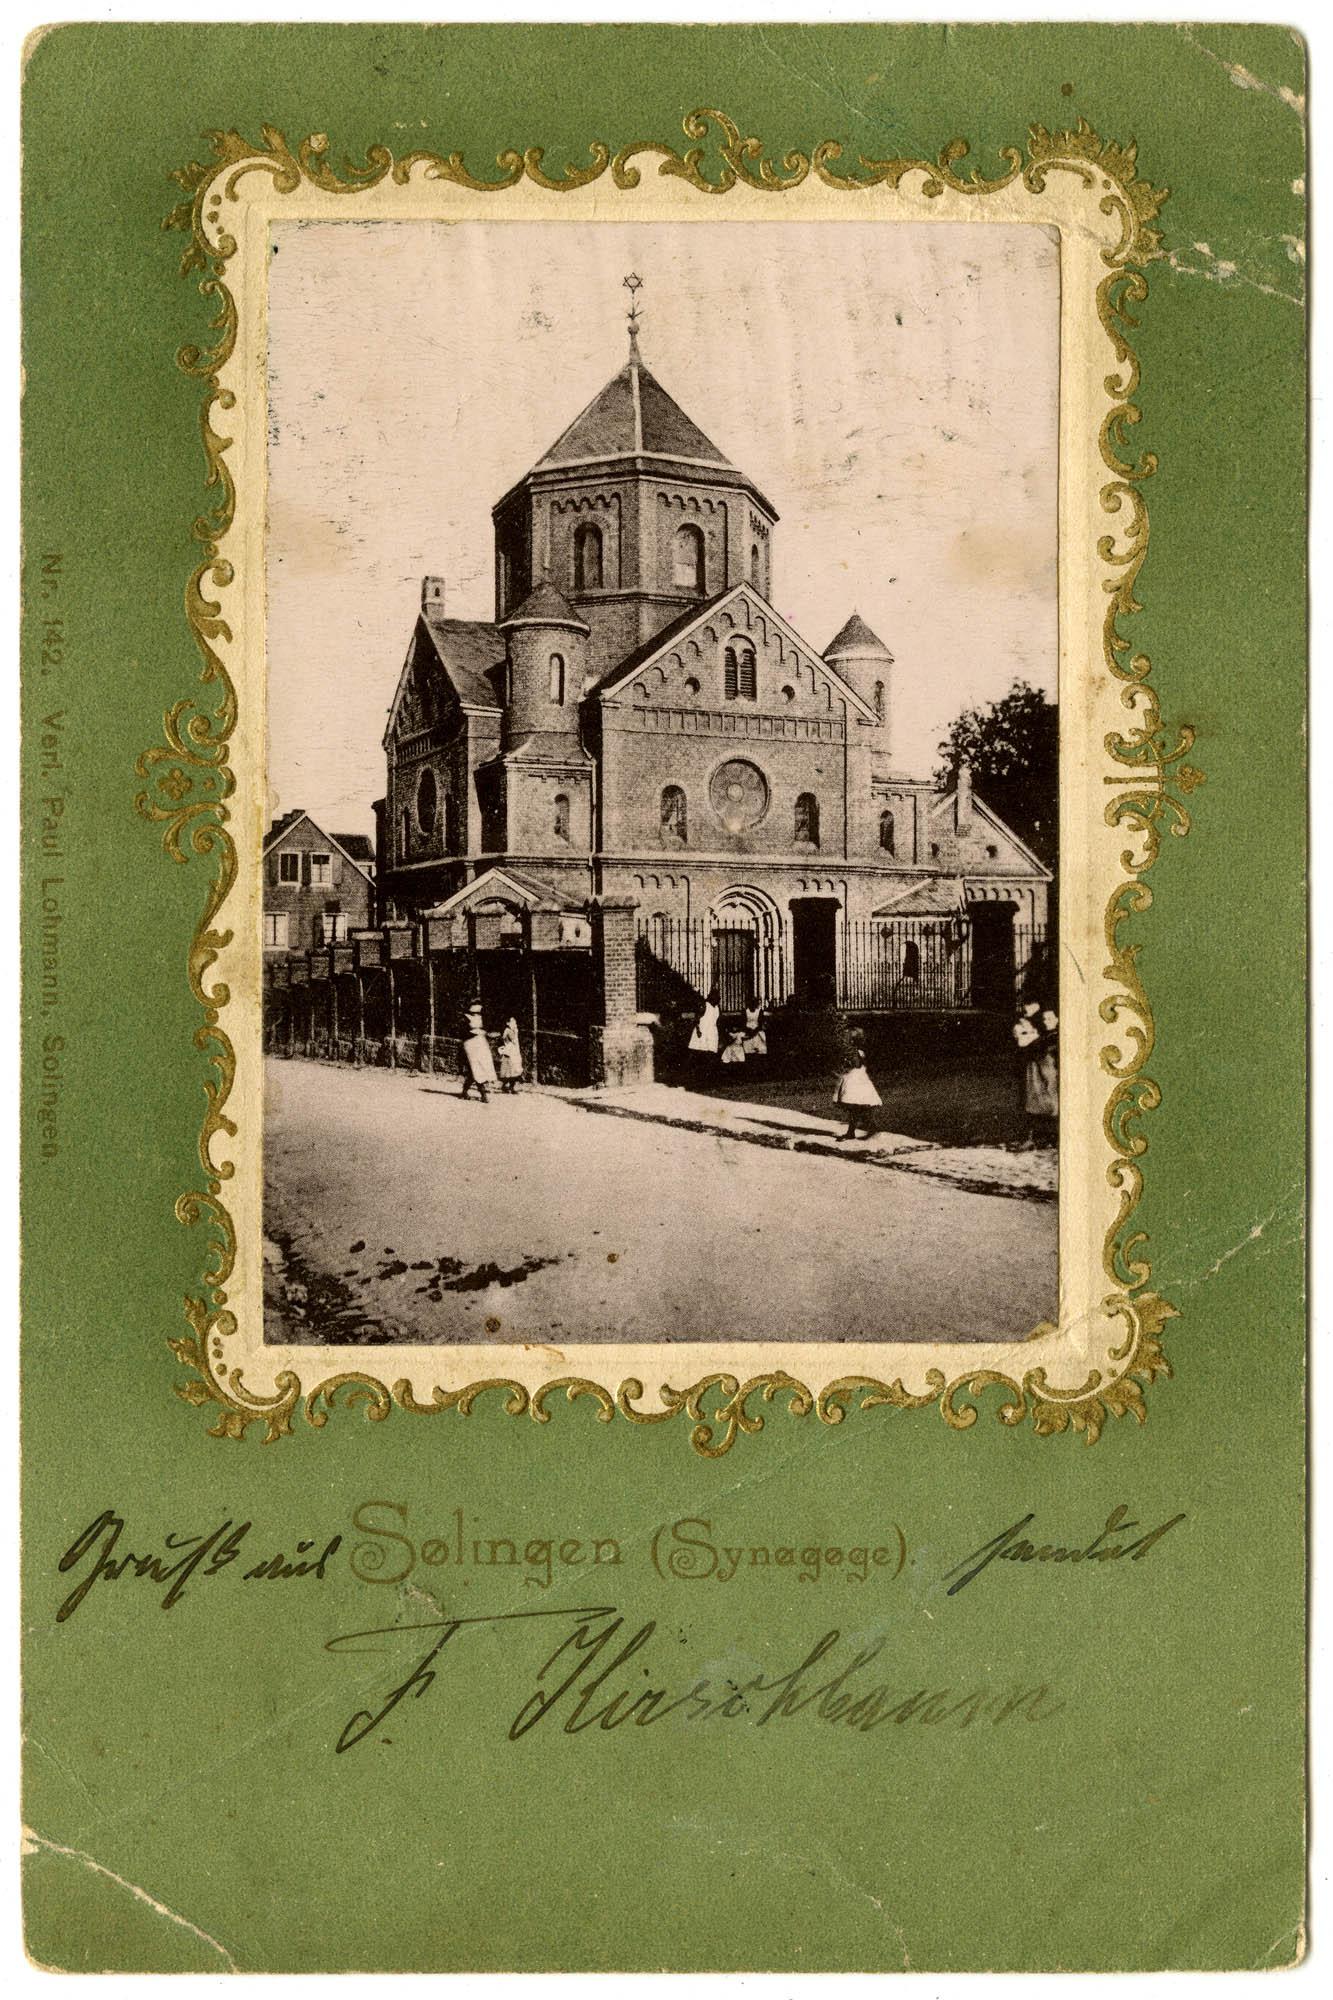 Solingen (Synagoge)